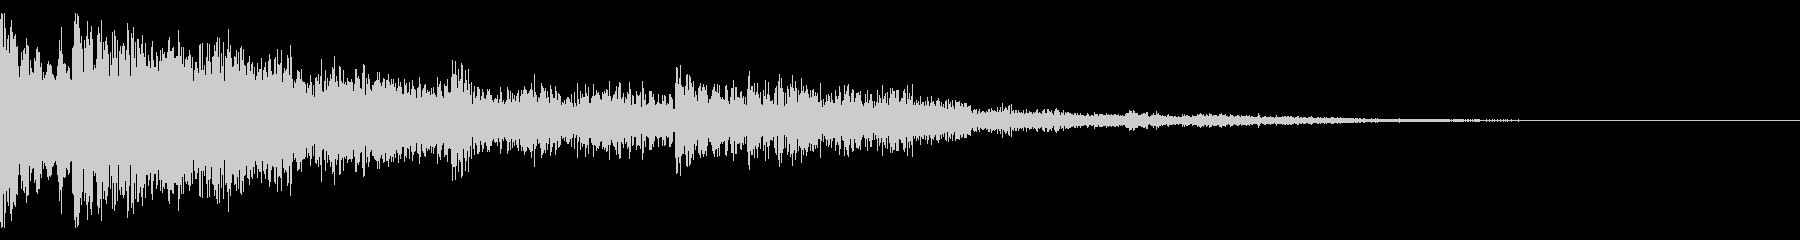 ミステリー(奇妙な現象の時の音)ver4の未再生の波形